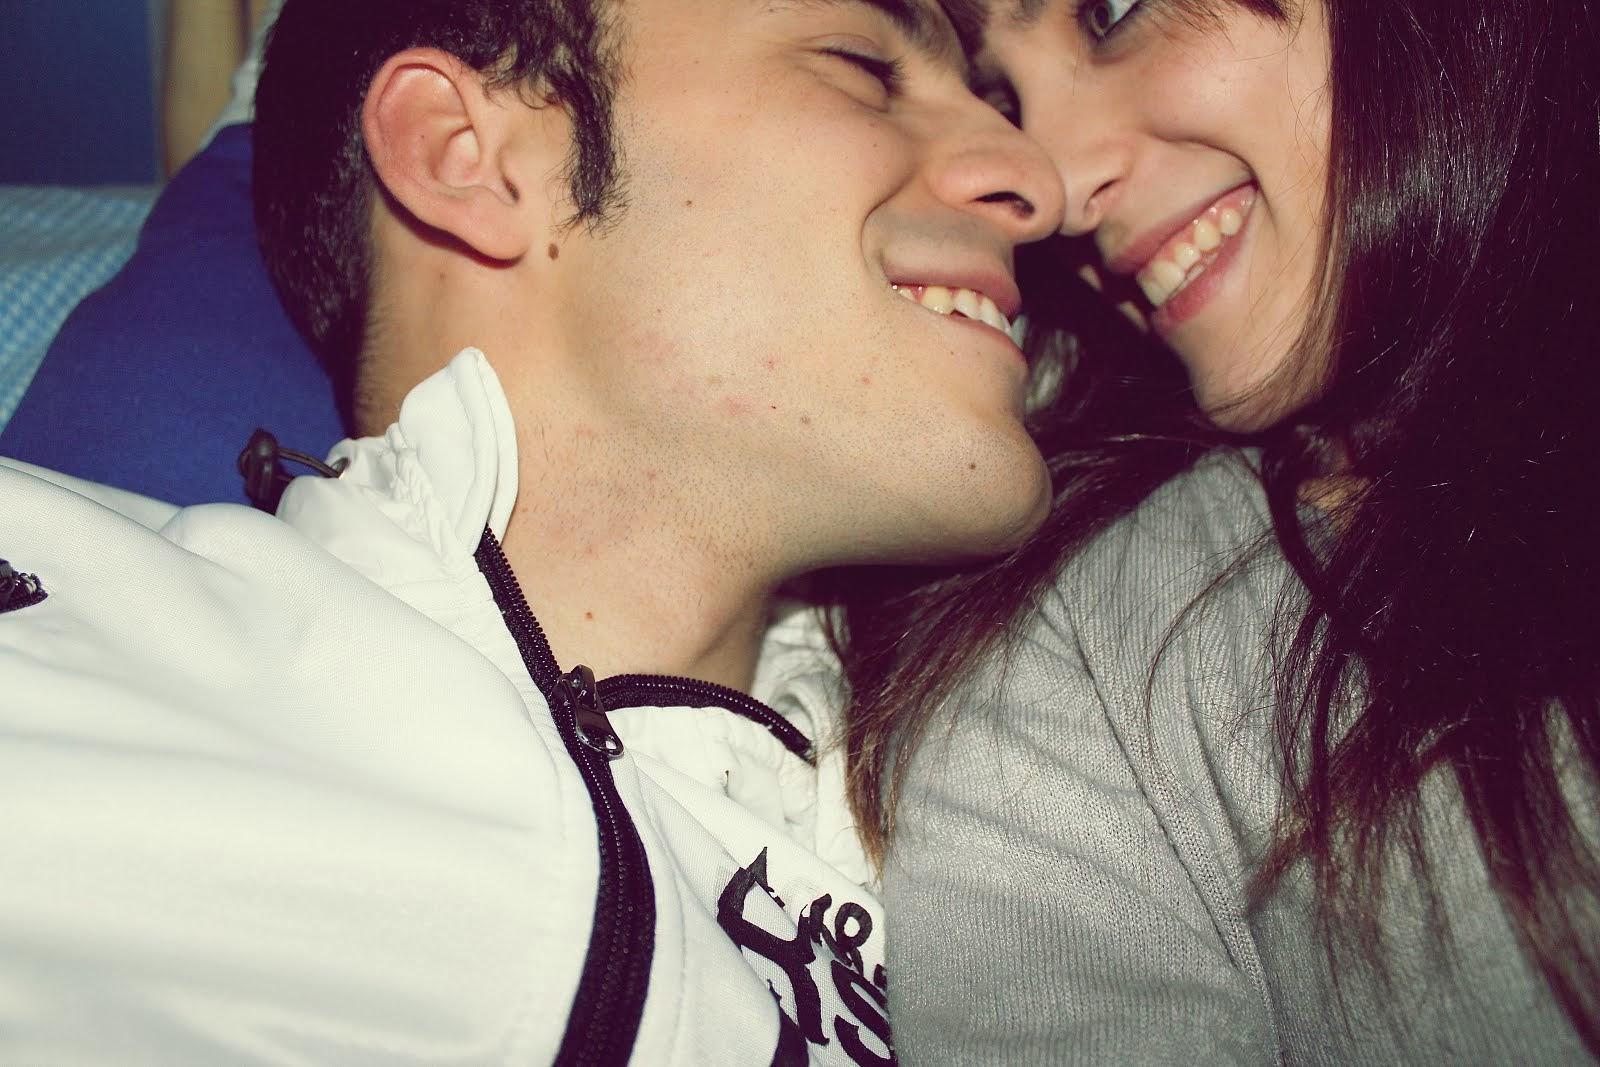 El mejor sentimiento del mundo es ver sonreir a alguien y saber que tú eres el motivo.